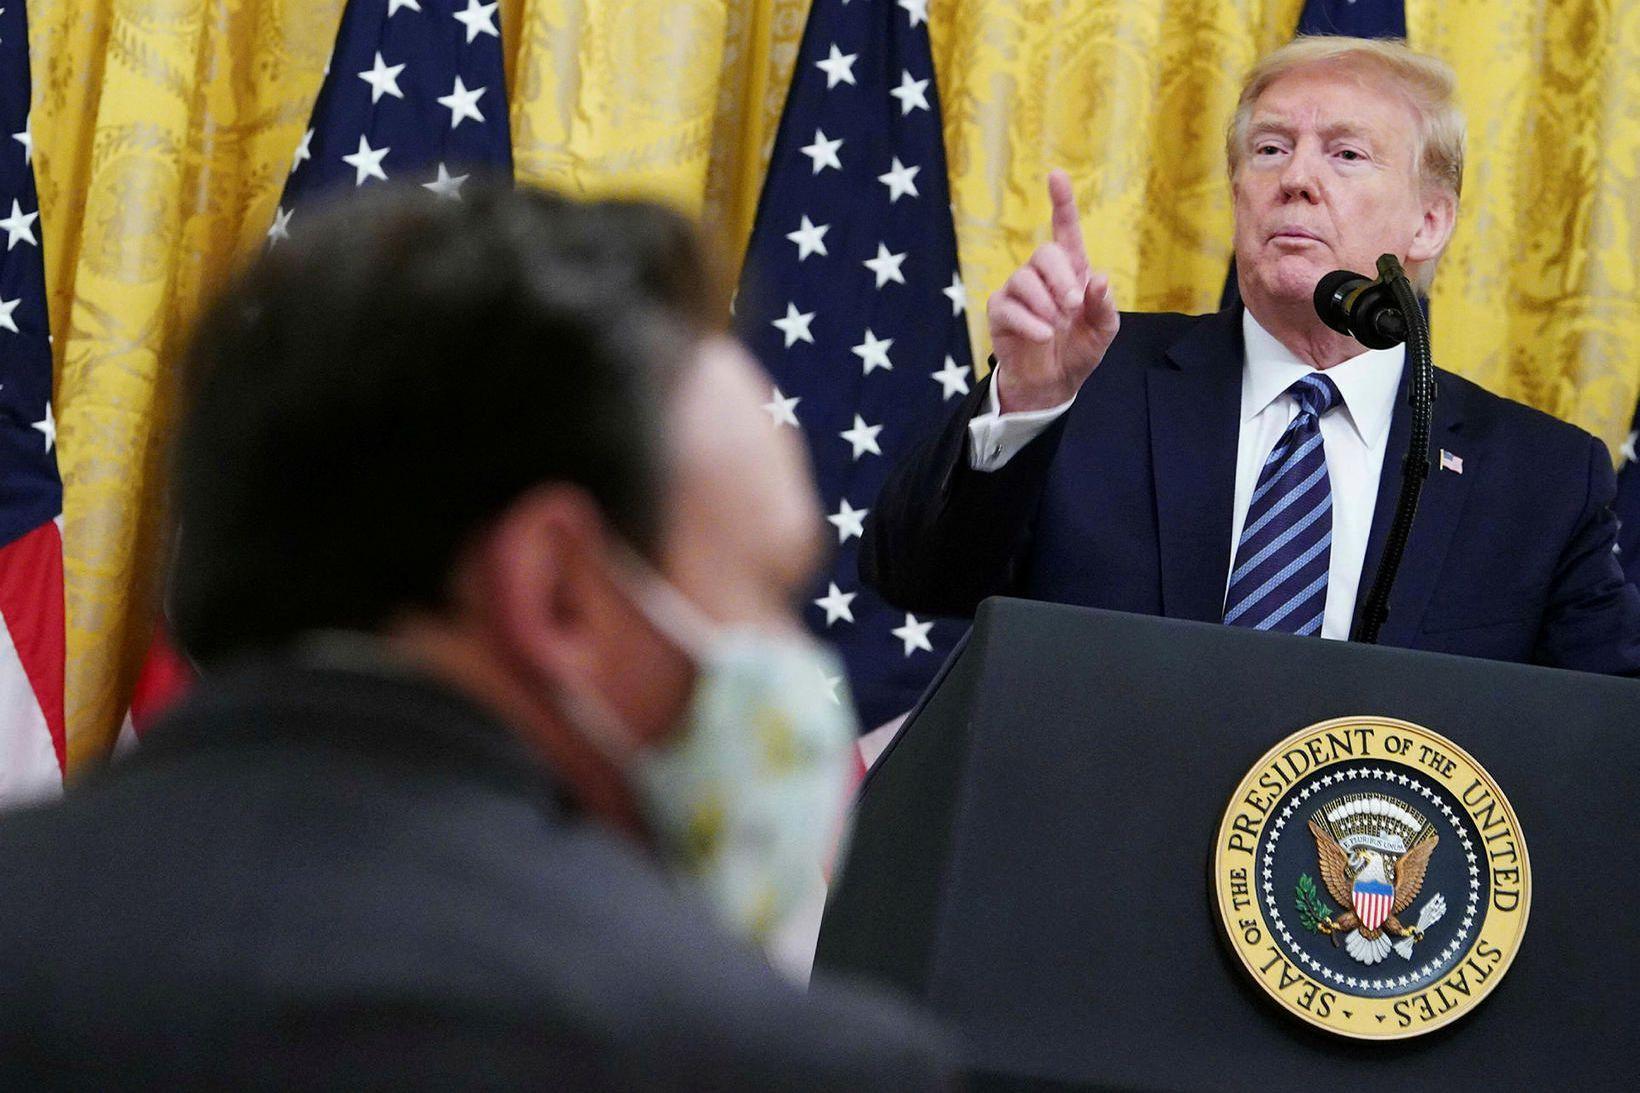 Trump hefur ekki sparað yfirlýsingarnar í tengslum við kórónuveiruna.